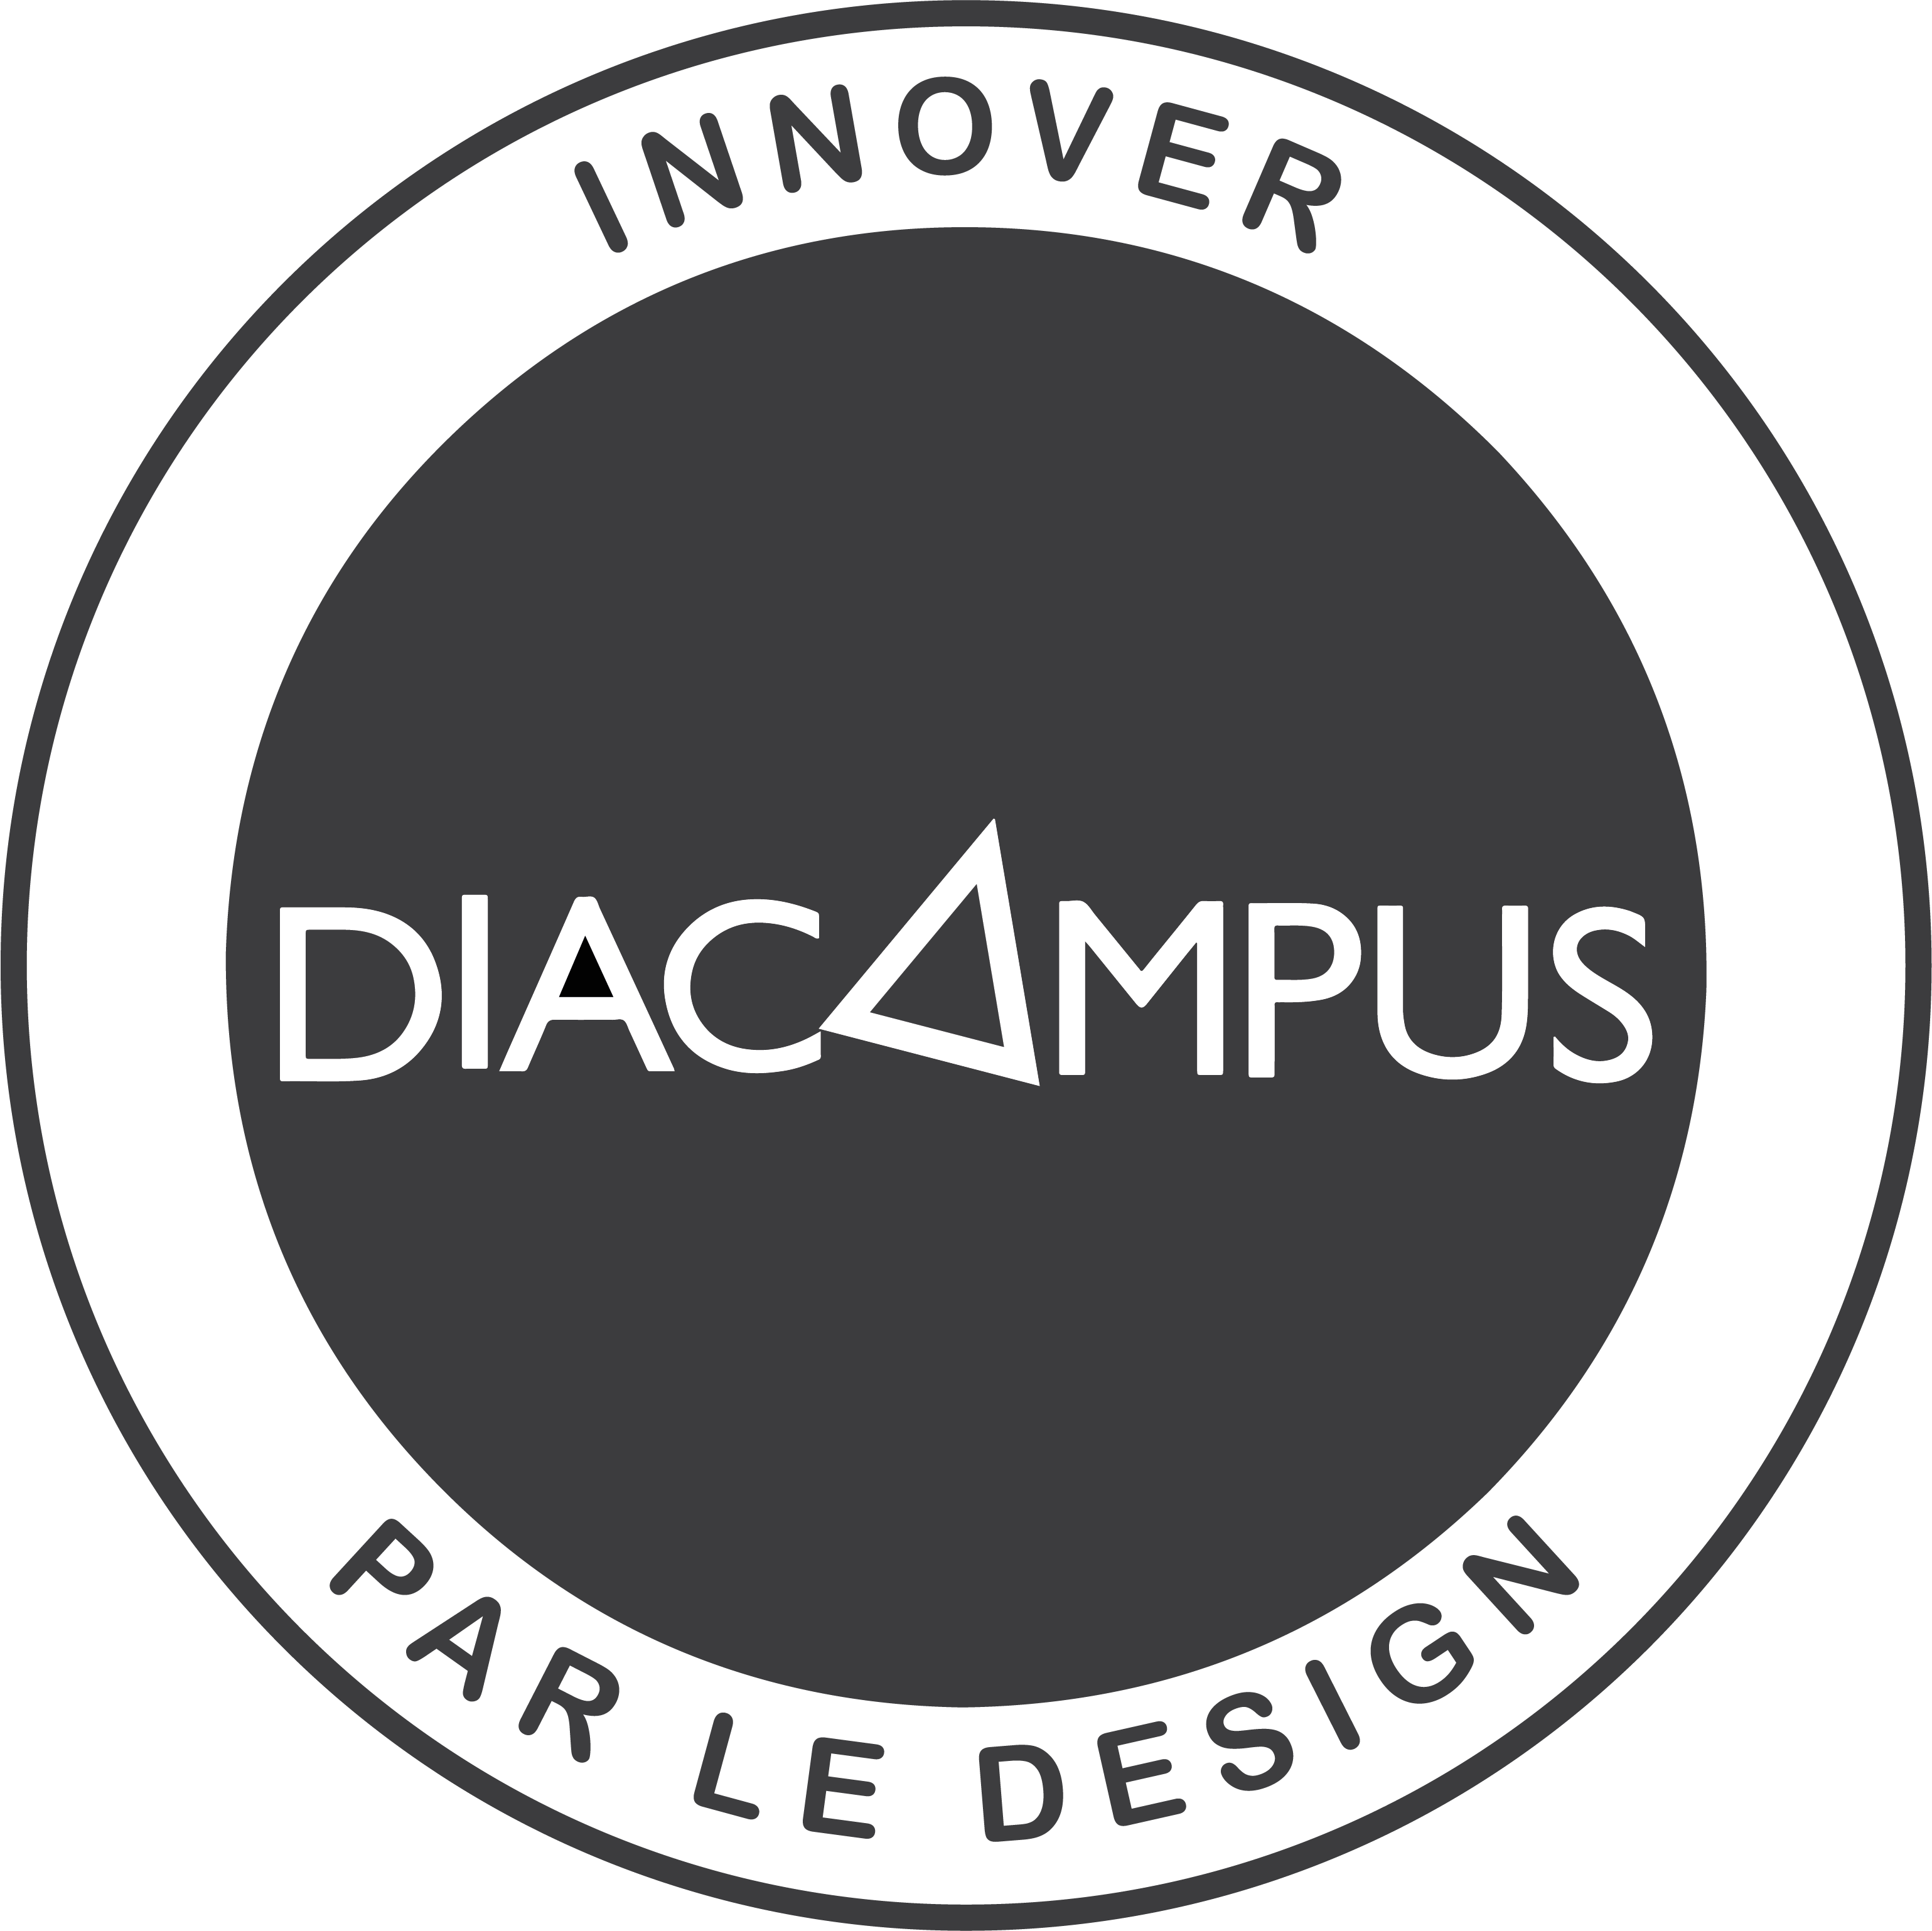 Diacampus